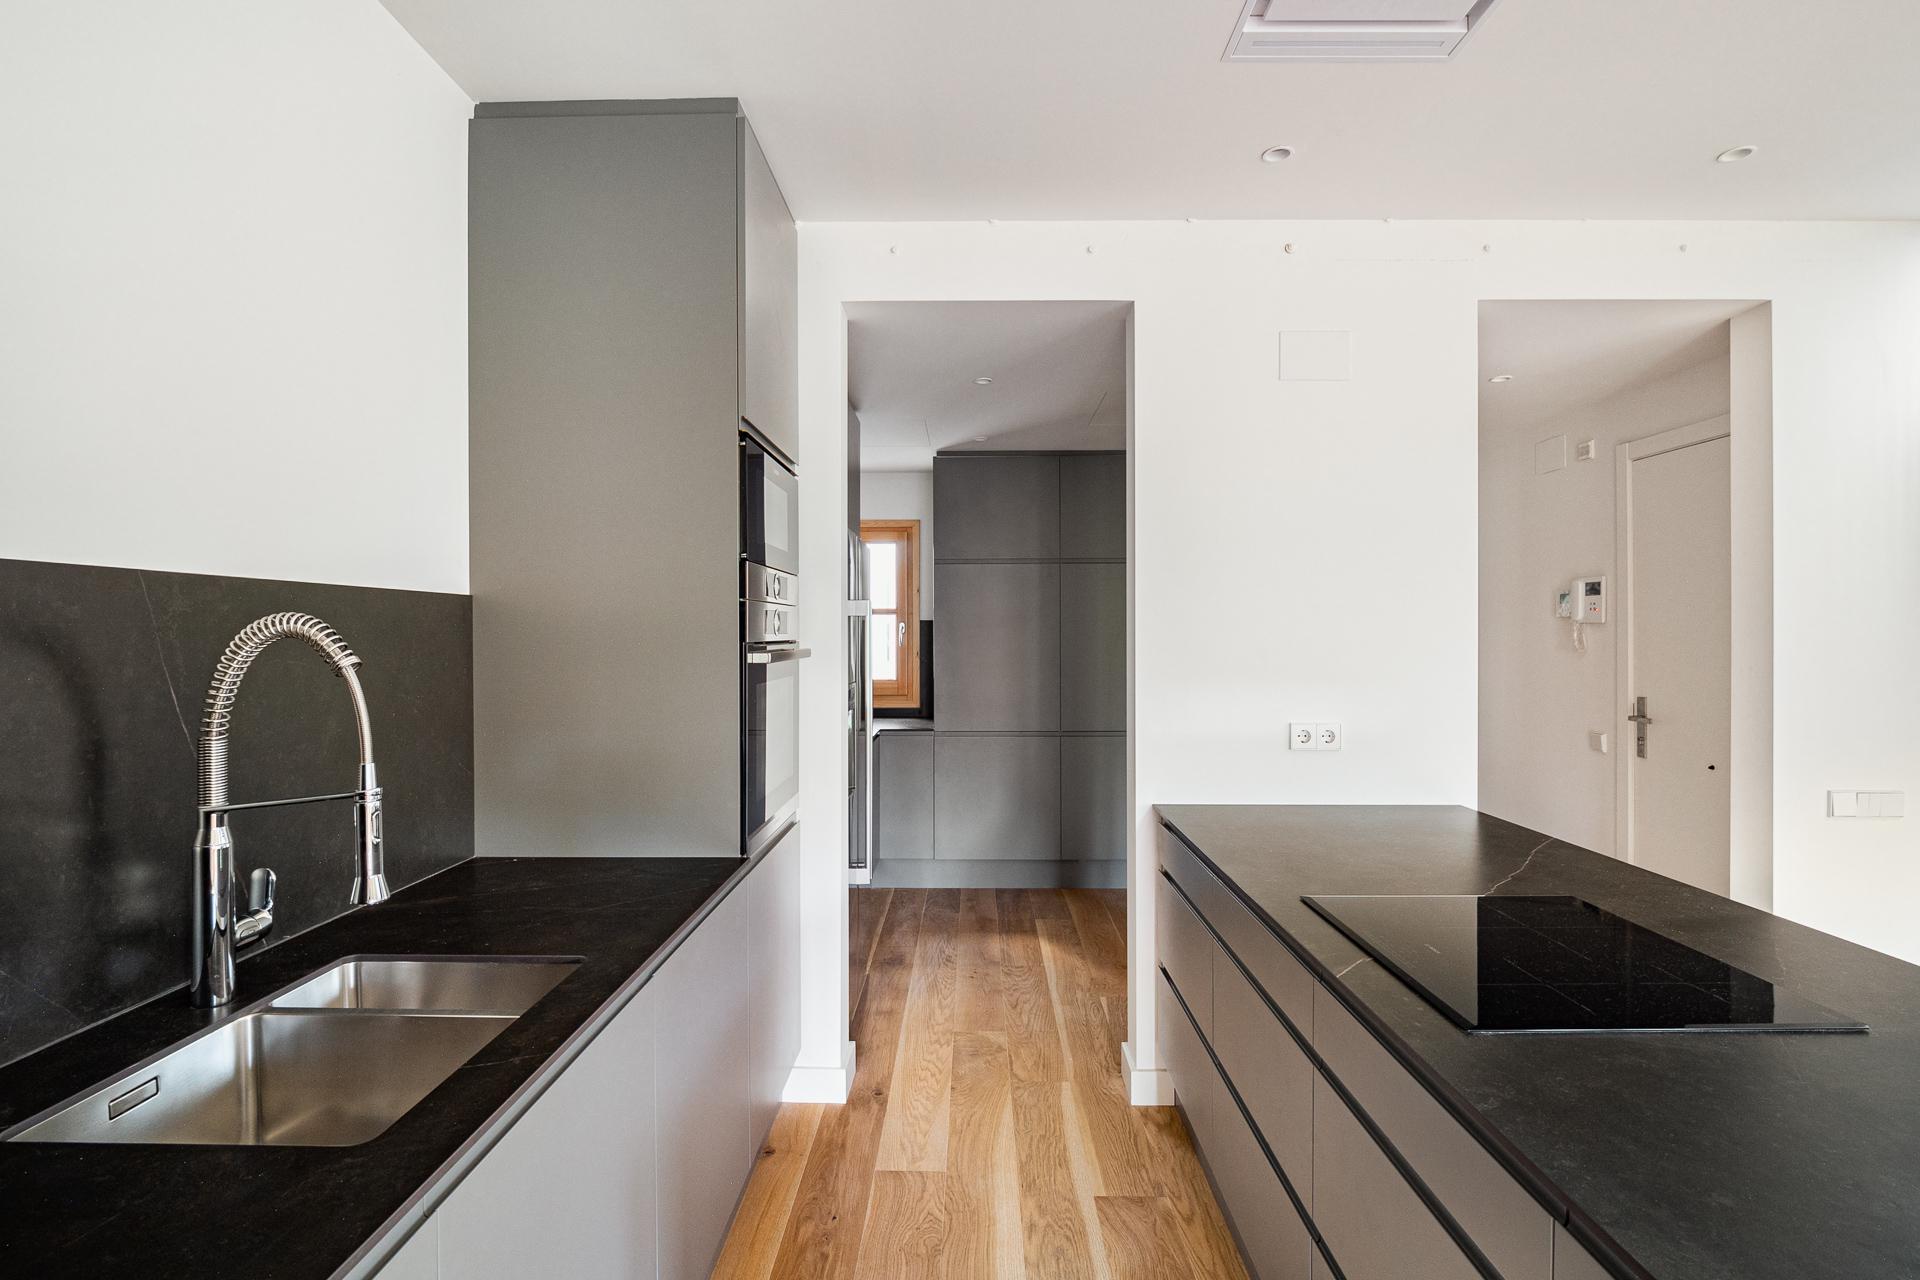 245902 Penthouse for sale in Ciutat Vella, St. Pere St. Caterina and La Ribera 8